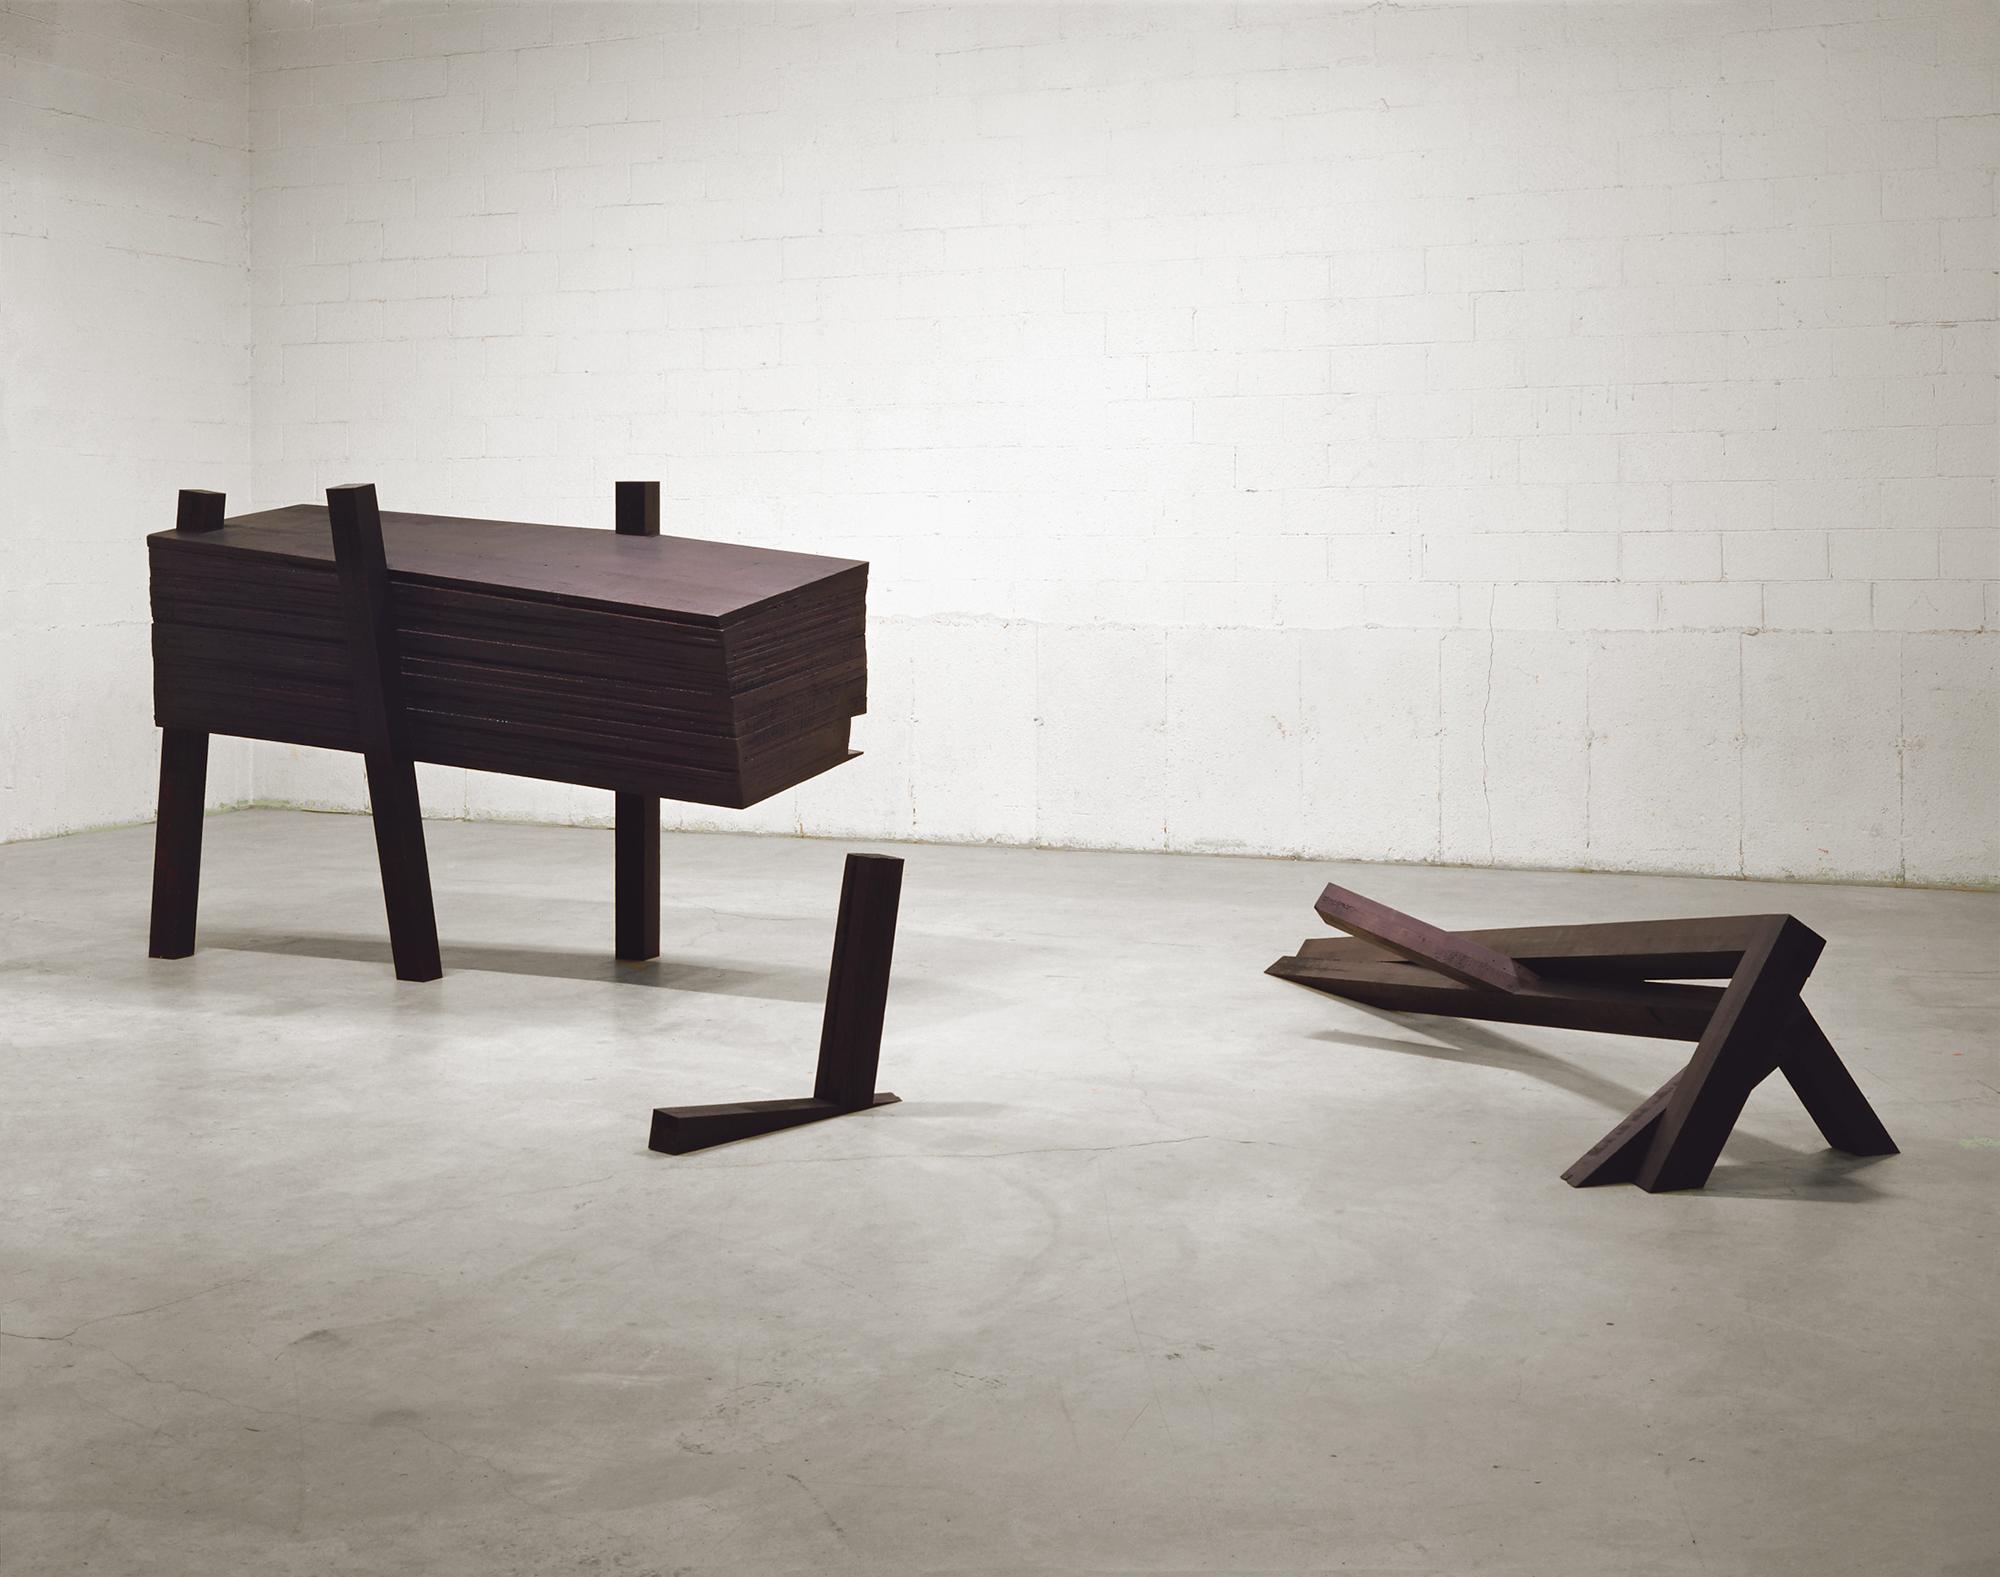 La nuit, devant soi (1992 - 1993)   Bois polychrome, 155,6 x 304 x 670 cm, collection du Musée d'art contemporain de Montréal.photo : Richard-Max Tremblay